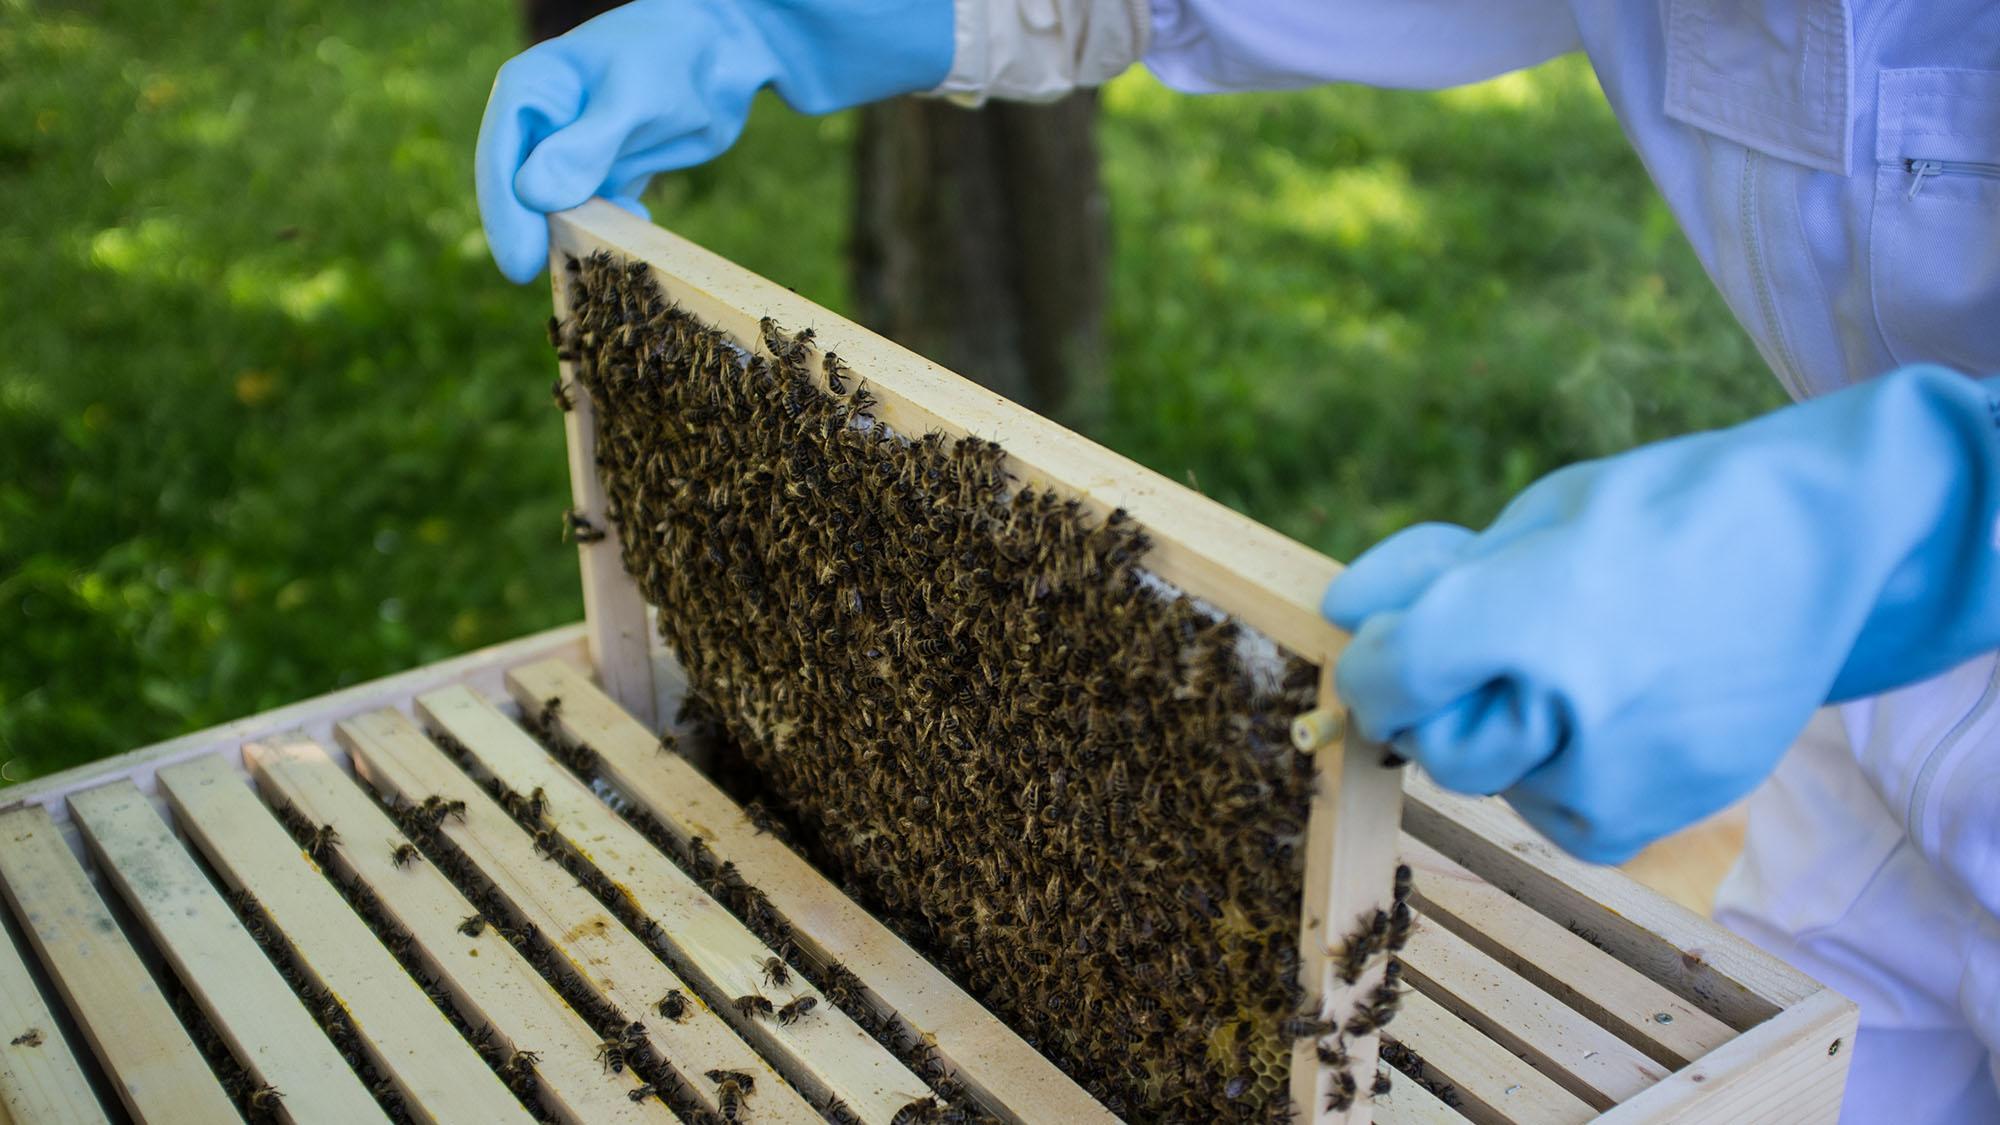 bees-antibiotic-resistance